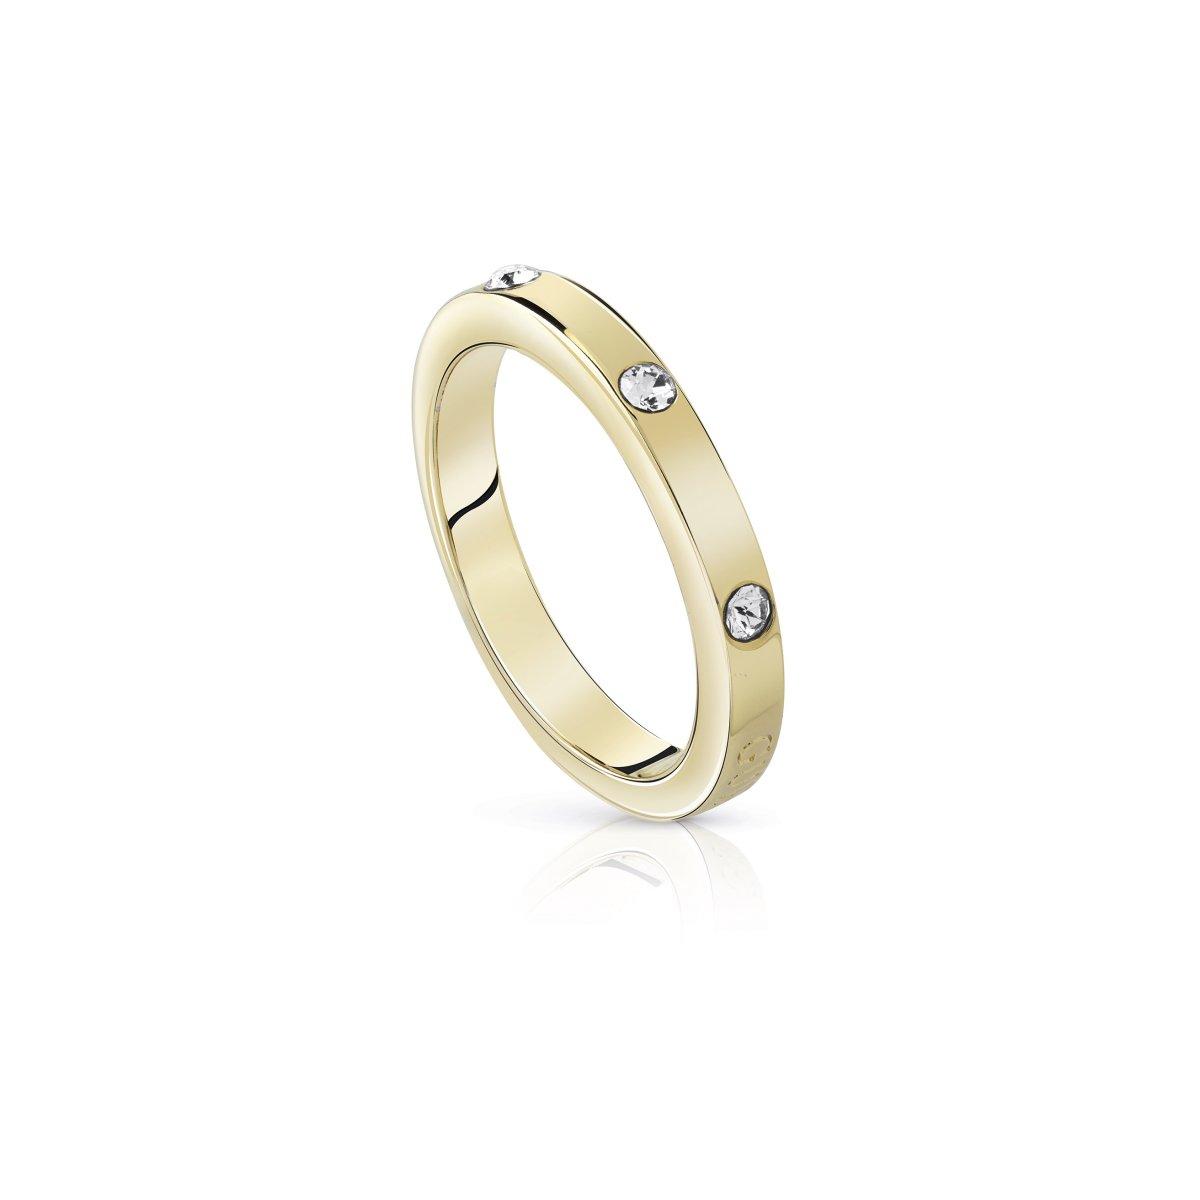 Zlatý prsteň GUESS s krištáľmi